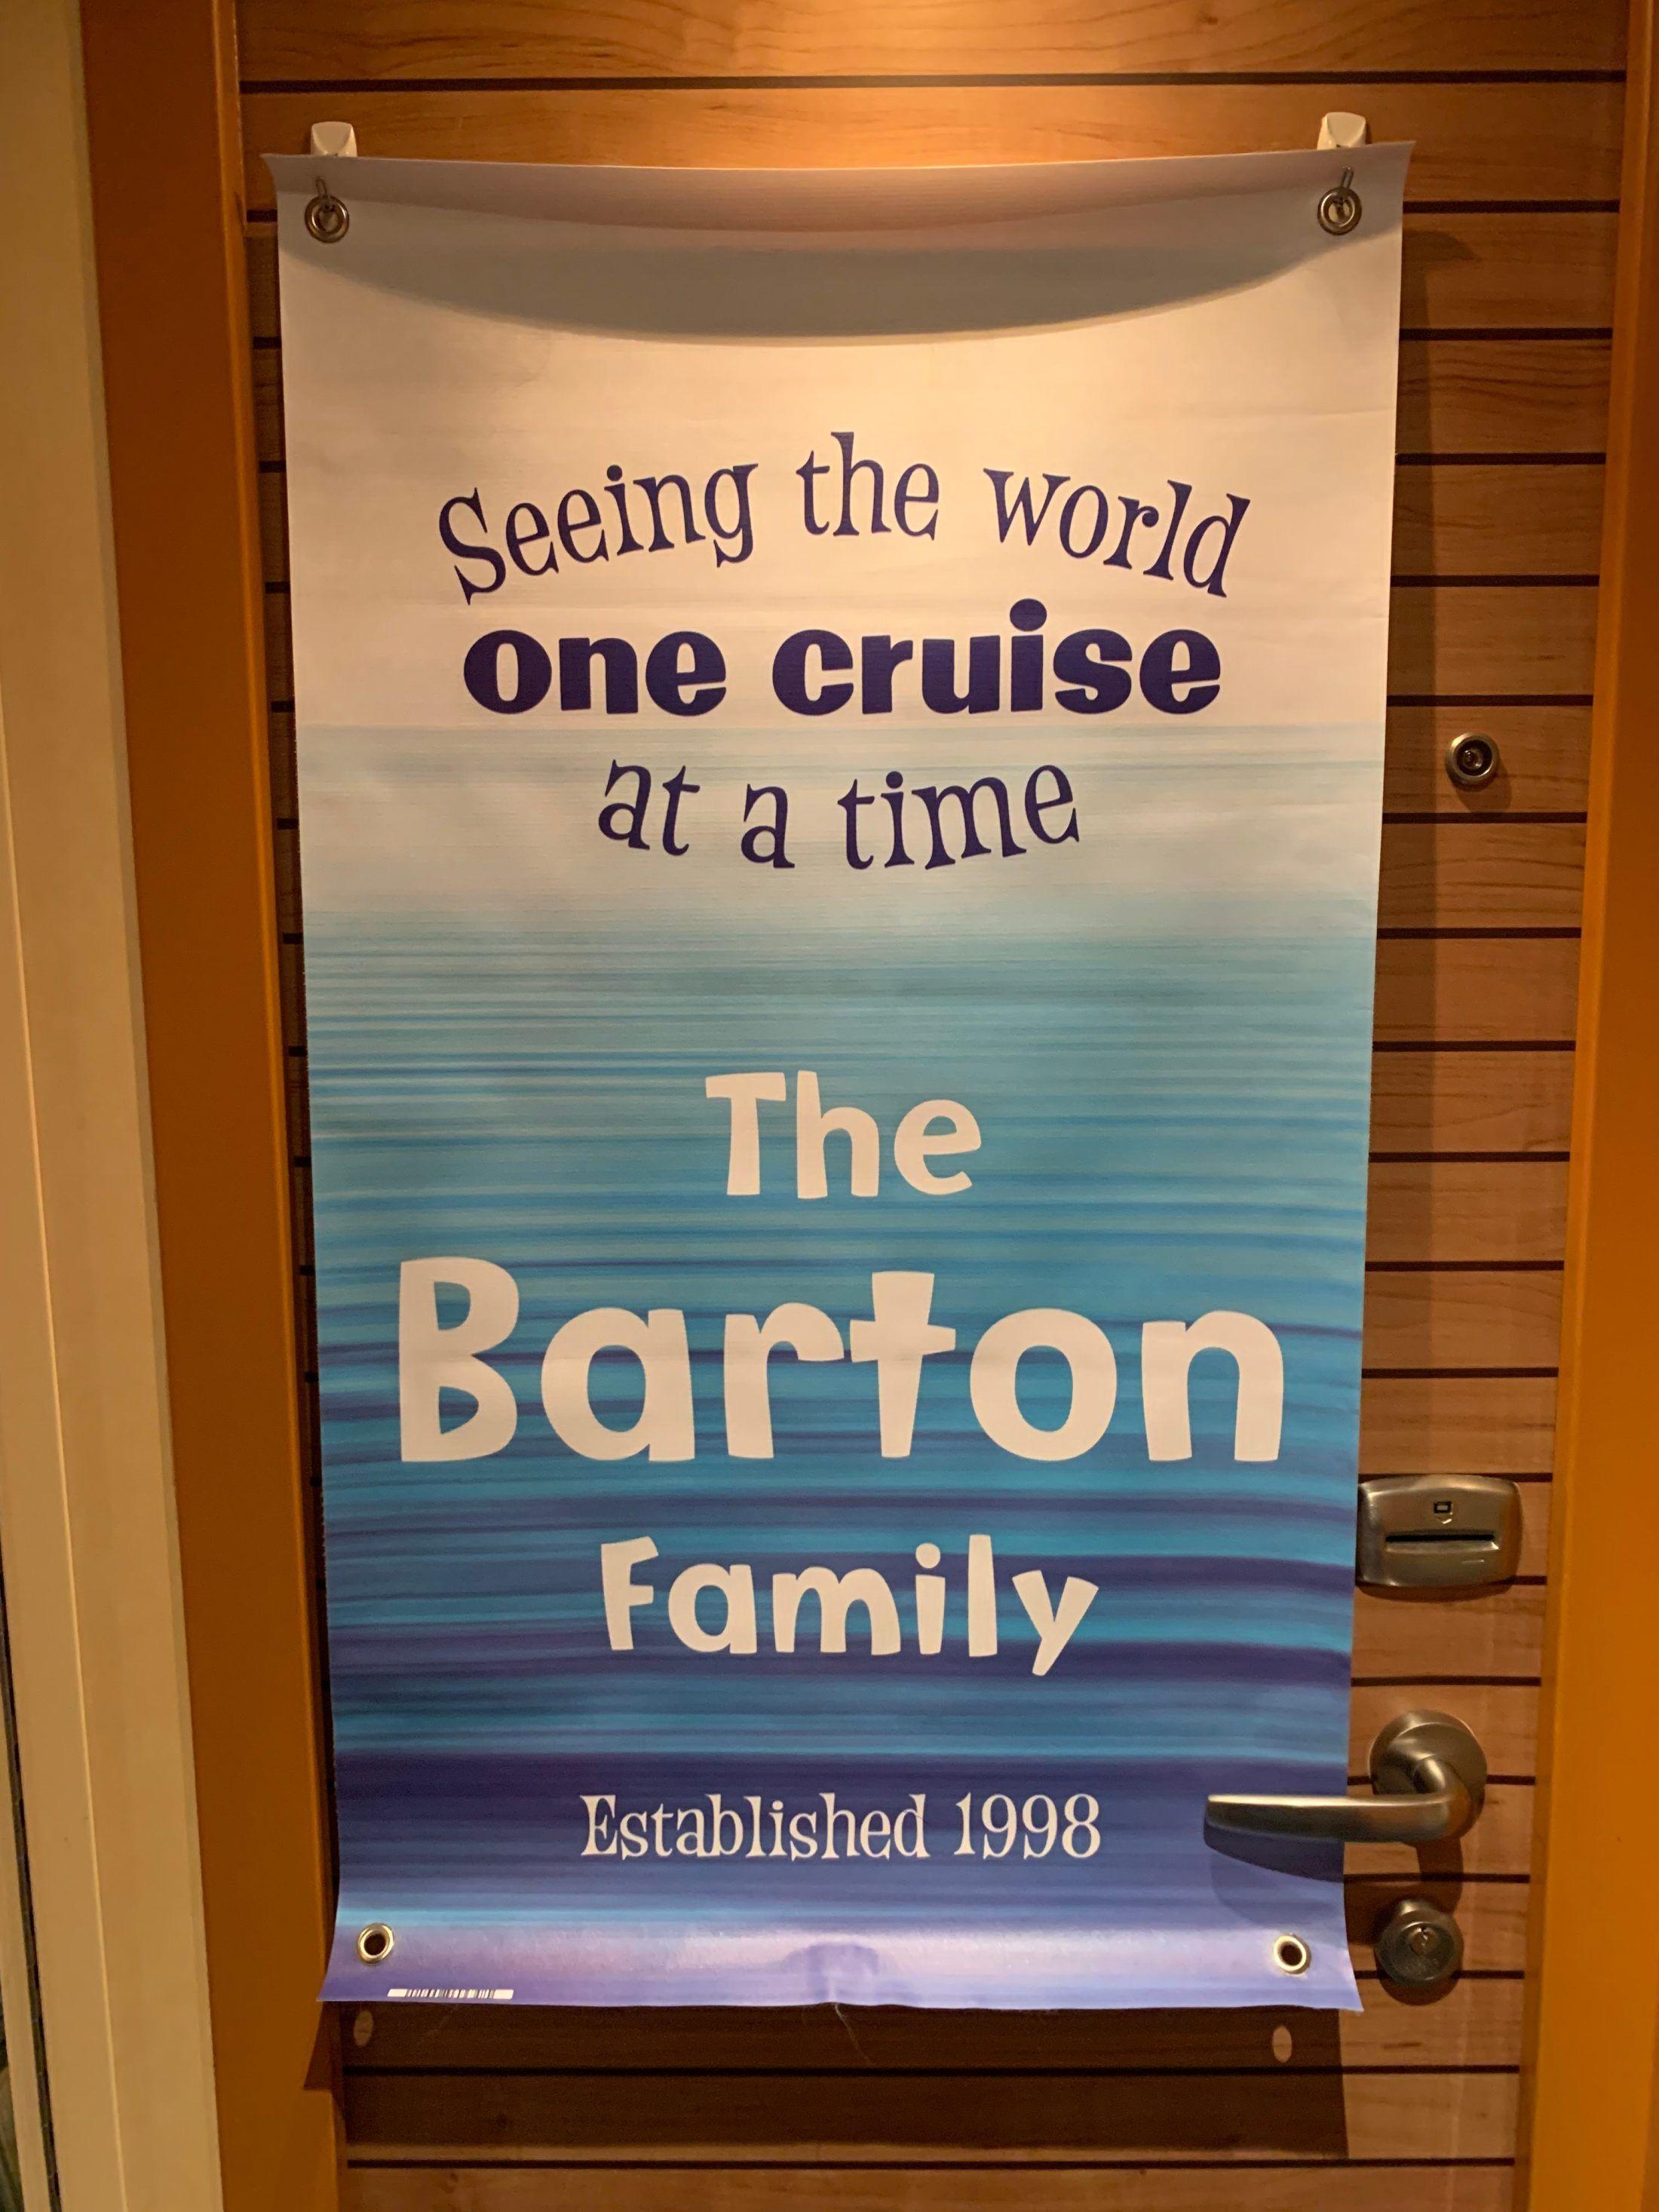 Cruise Door Decorations 125 Ideas In 2020 Cruise Door Cruise Door Decor Cruise